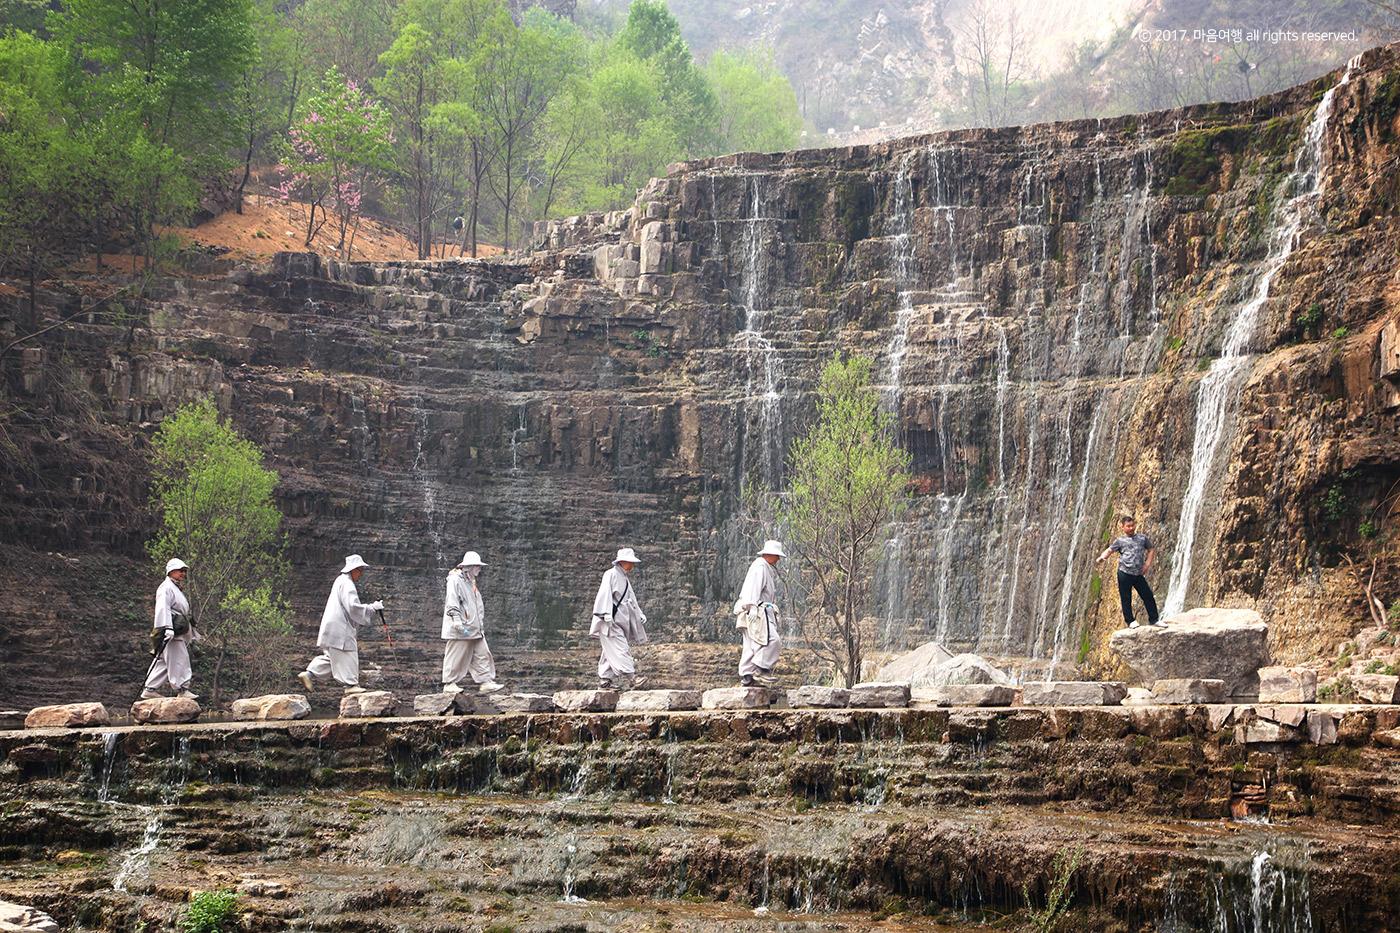 태항산-도화곡 : 구련폭포를 건너는 스님들